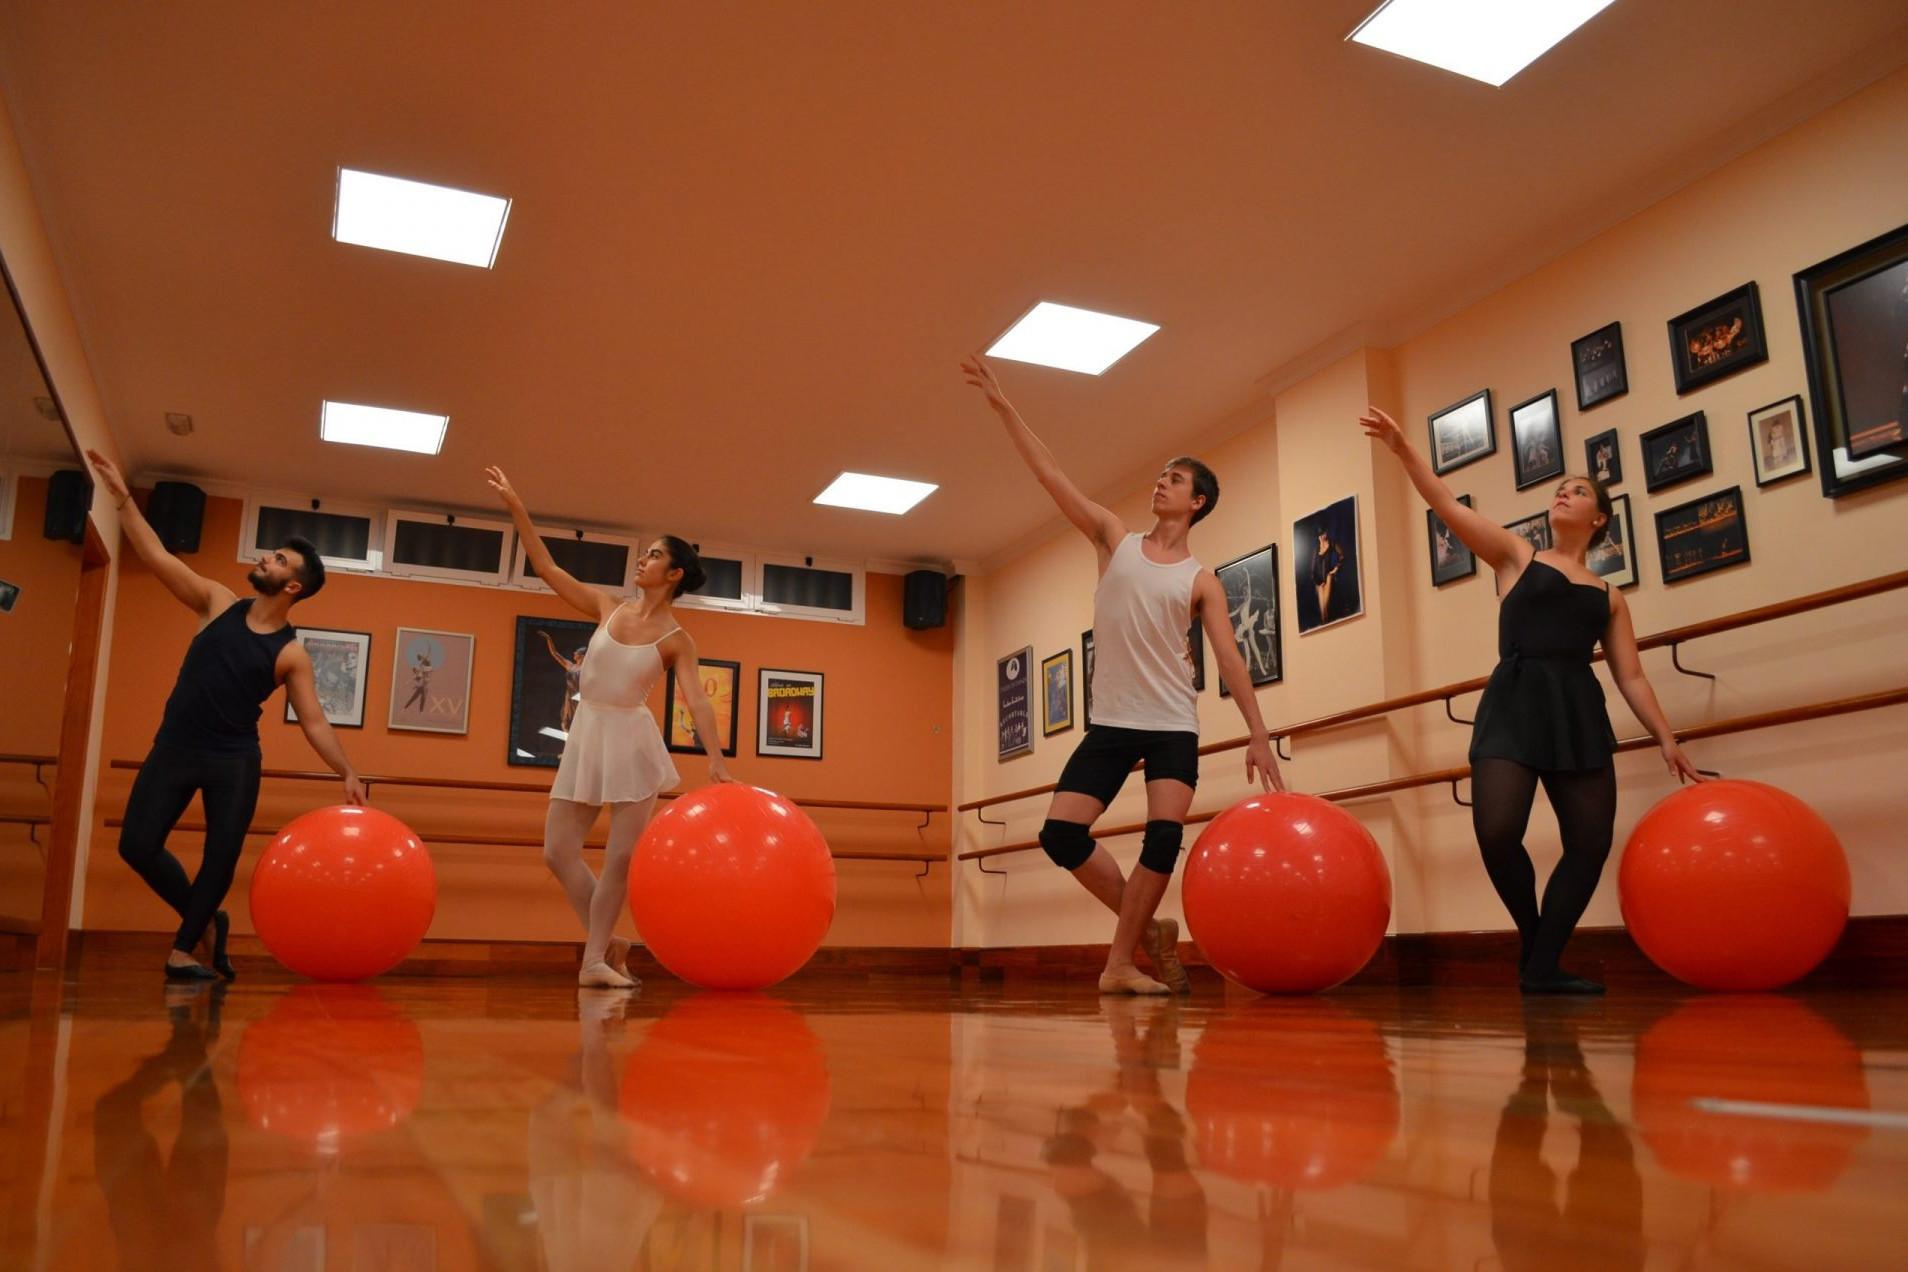 Foto en el Centro de Danza Sandra Santa Cruz de un grupo de bailarines con una pelota grande durante una clase de Stretching con fit-ball y bandas elásticas para tener mejor forma física.